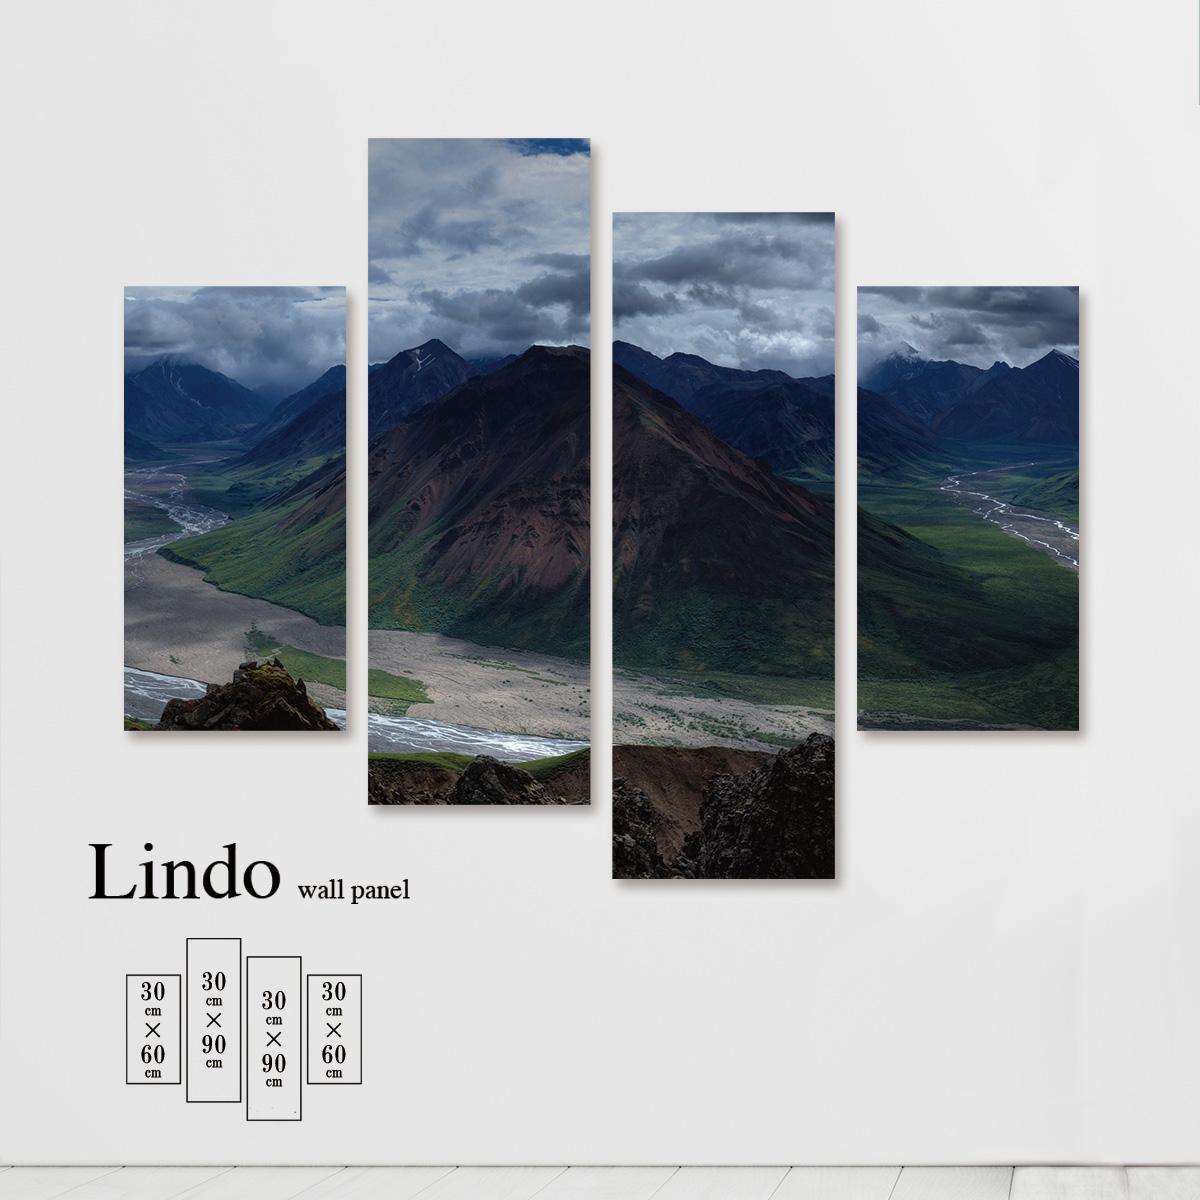 ファブリックパネル 山 マウンテン 自然 風景 景色 空 雲 壁掛け 北欧 お洒落 デザイン アート 壁飾り アートボード 4枚パネル